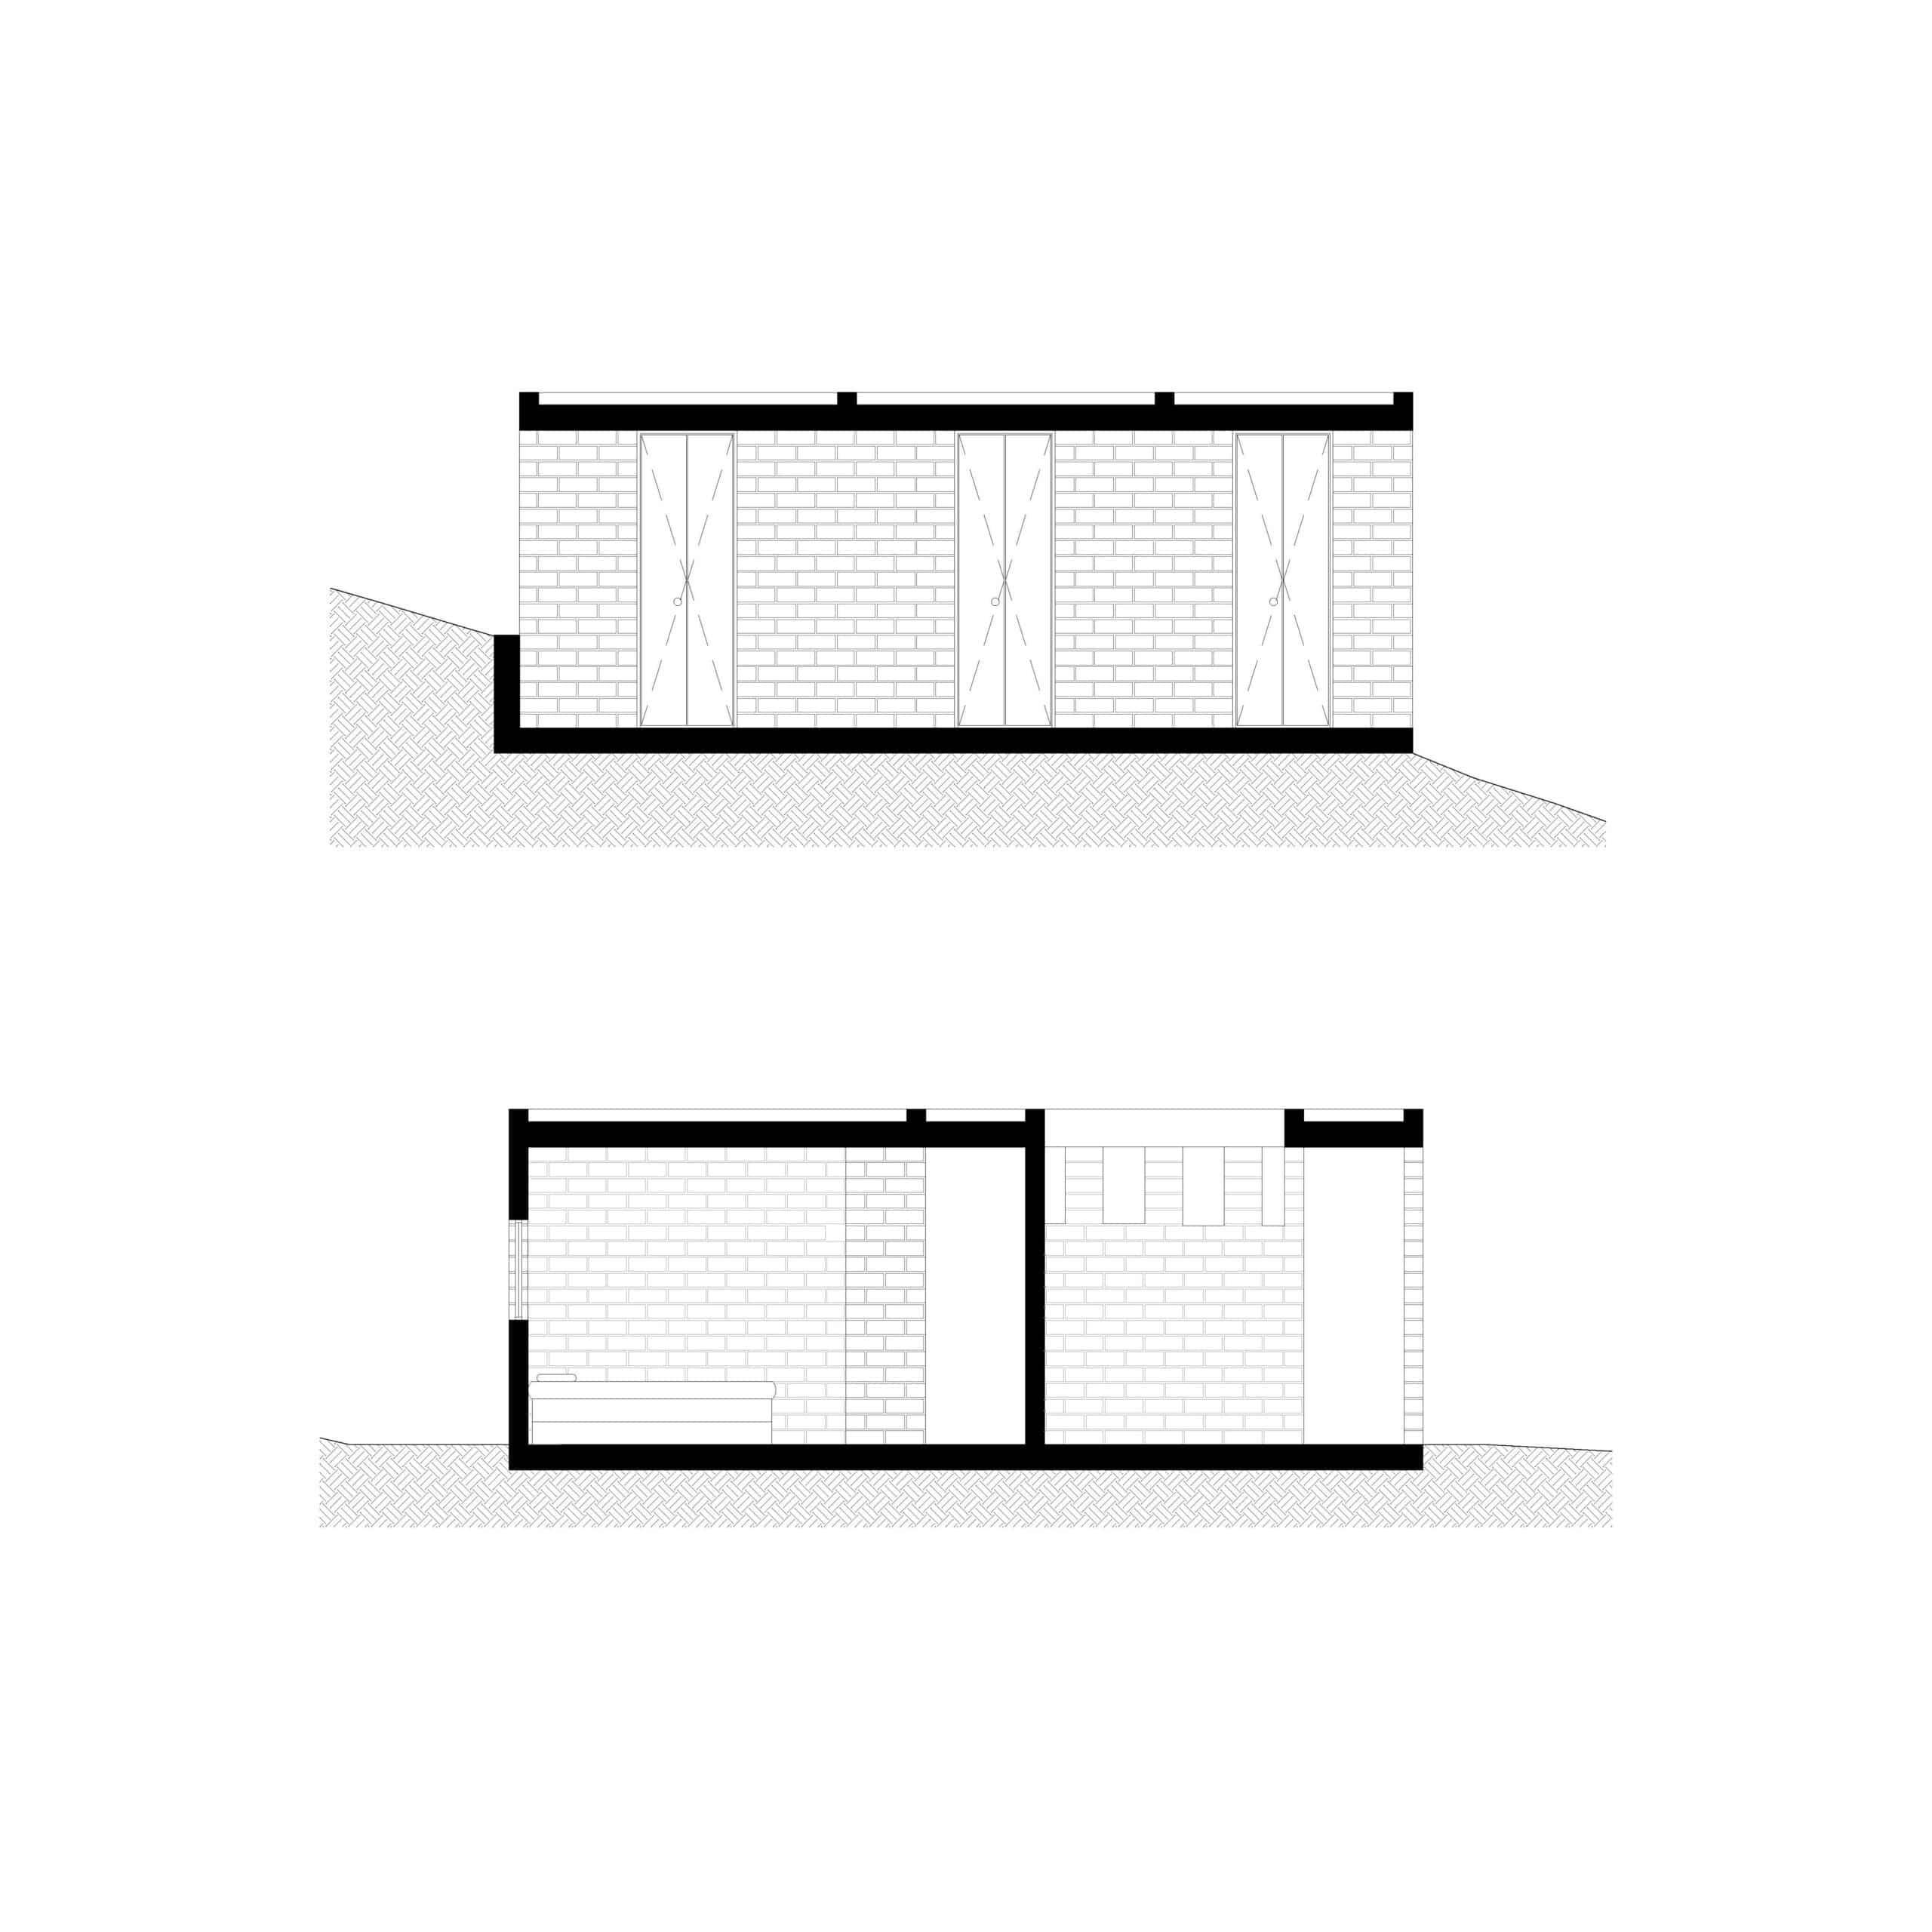 House for Axel  - casa para axel cortes 2 scaled 59